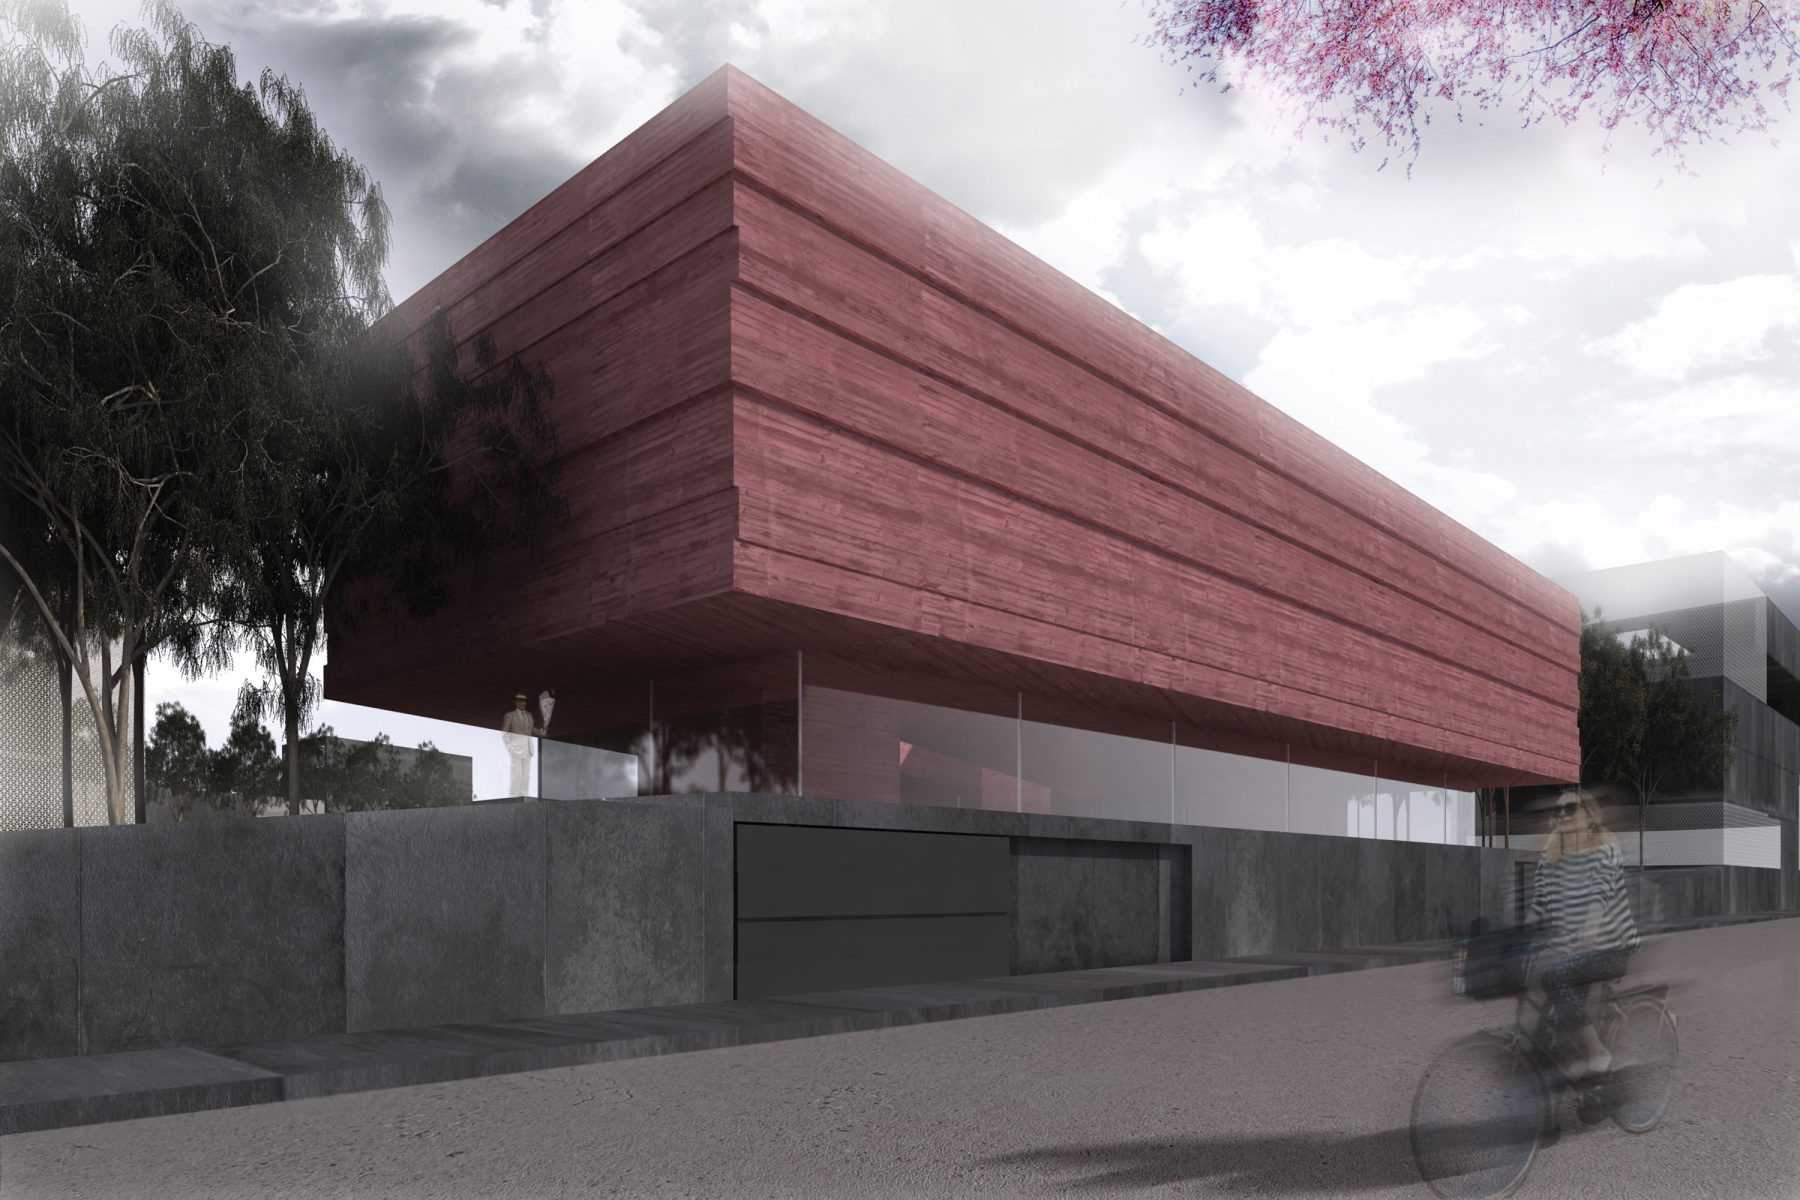 House of the collector ii bundschuh architekten - Architekturburo berlin ...